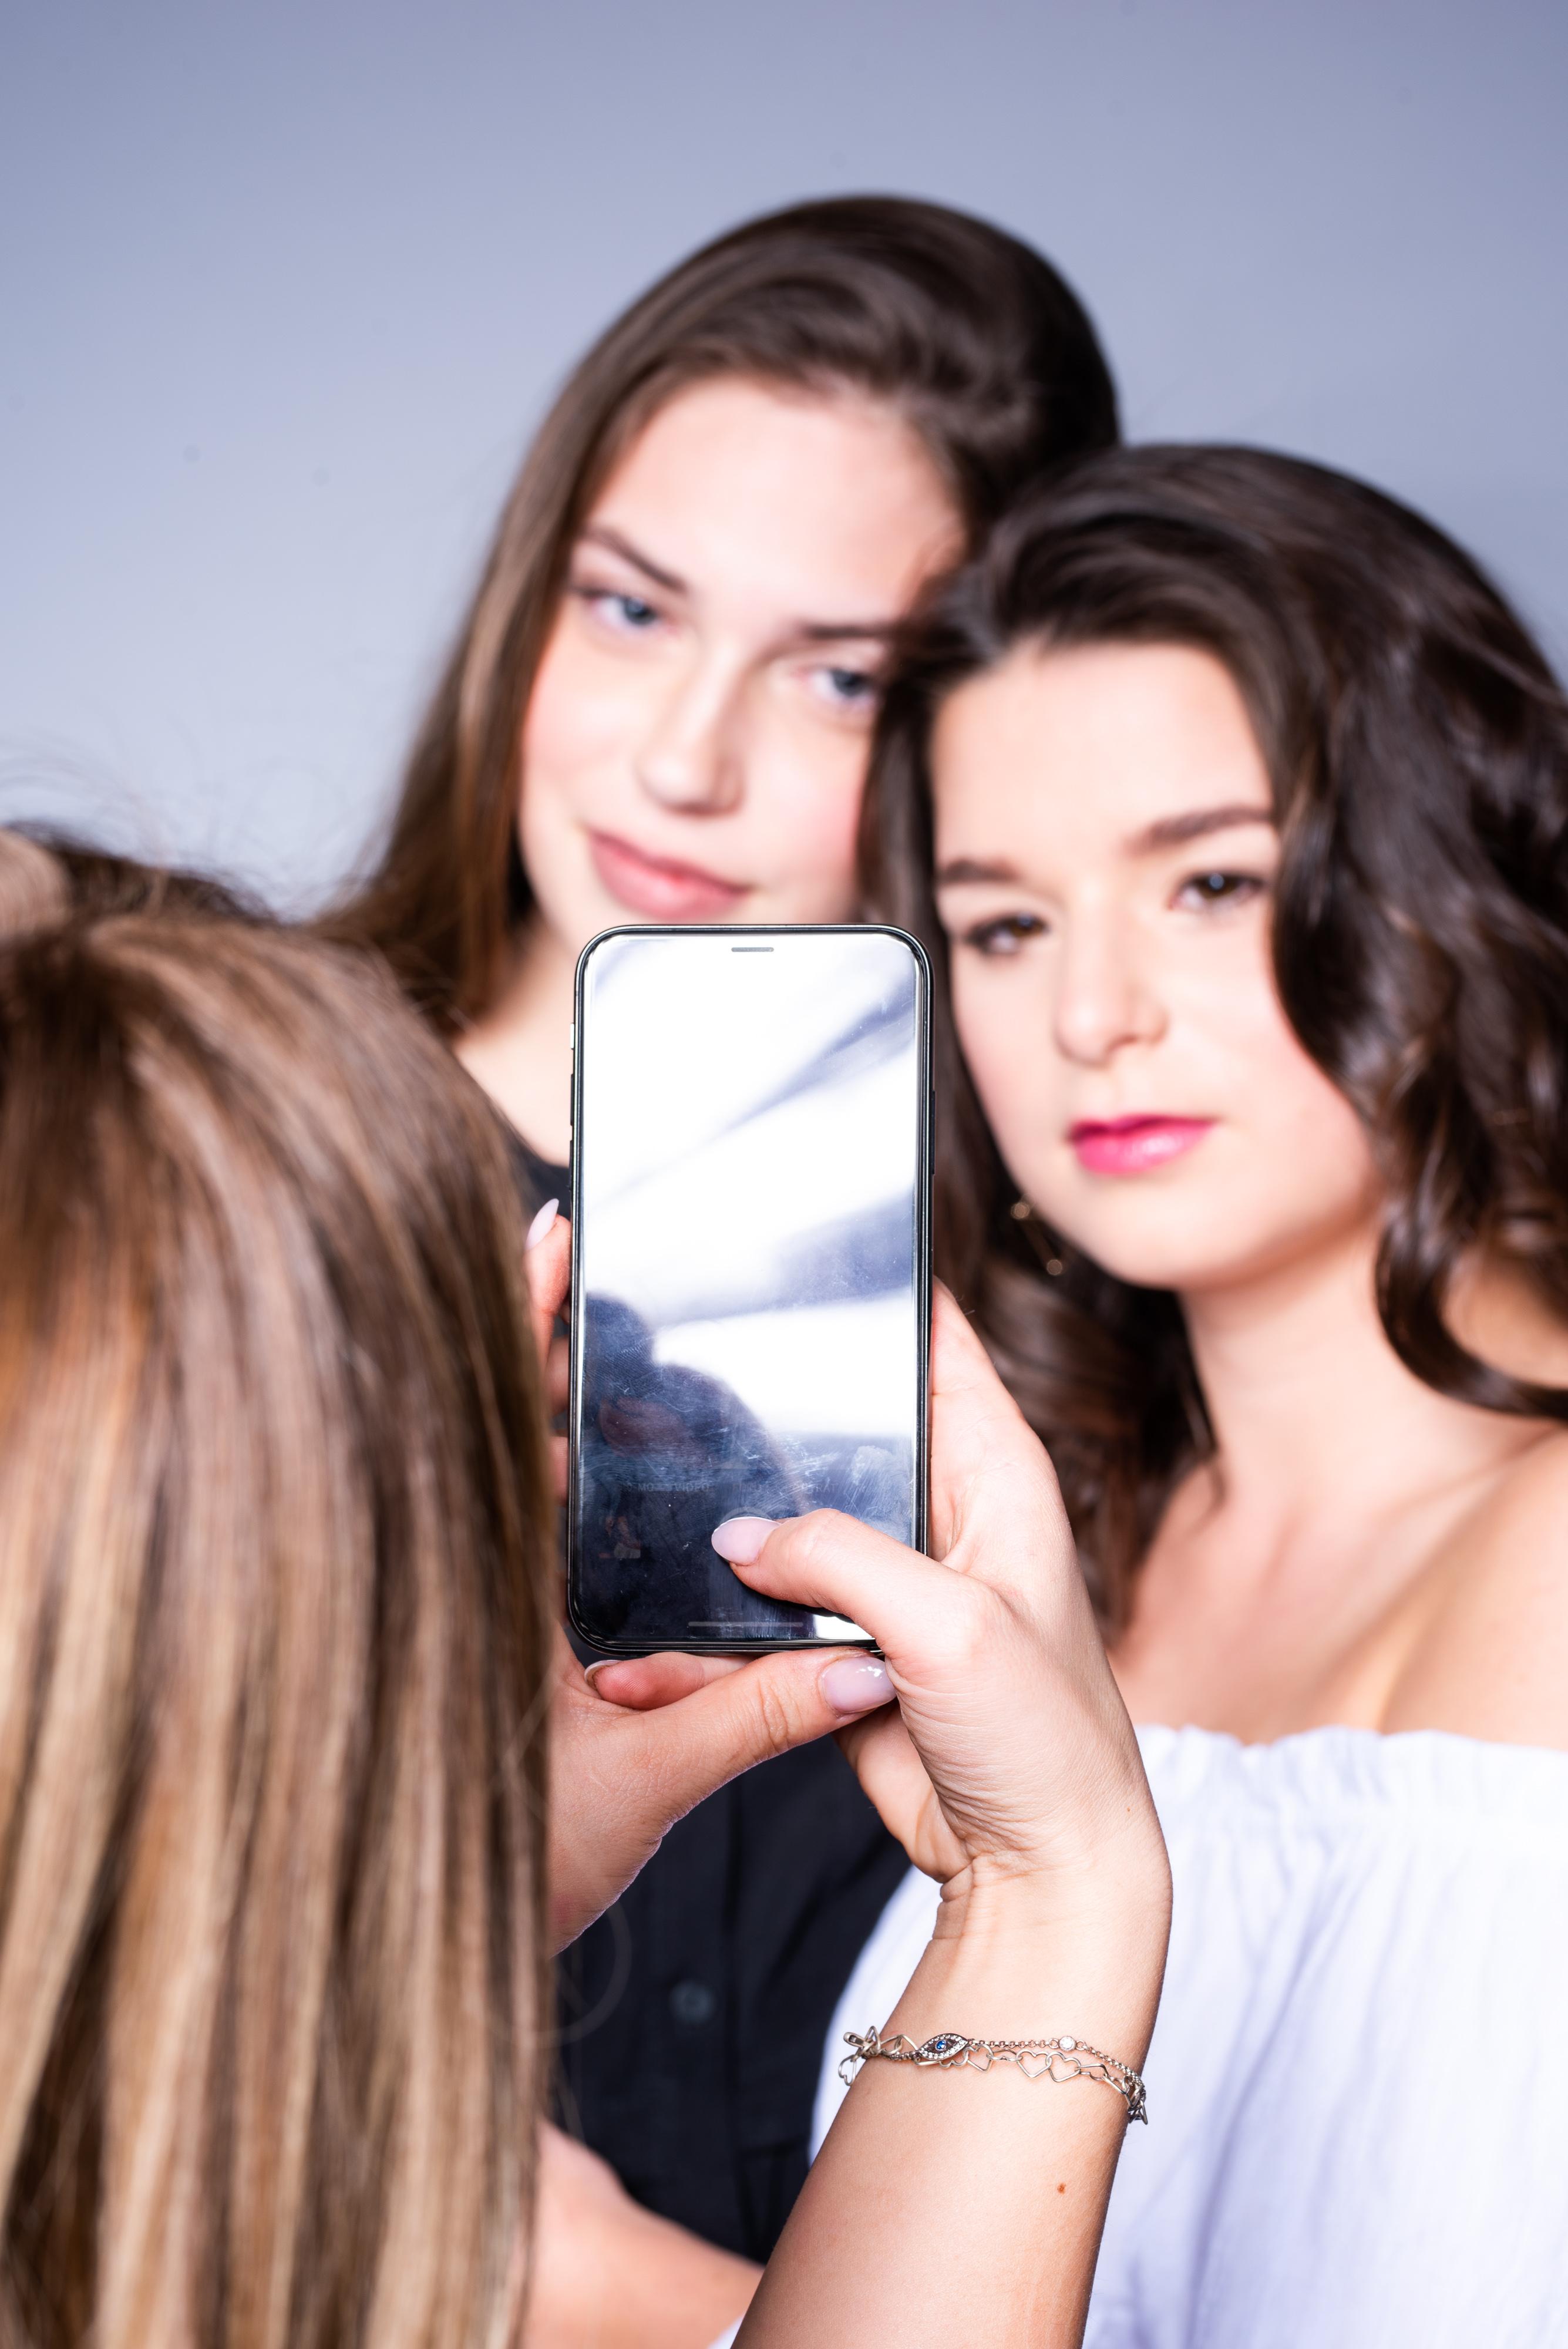 Networking Deluxe by Mediadeluxe! Die Fashiondeluxxe Style Party - Edition: Business bot den Business Women in München eine stilvolle Plattform für's Netzwerken - Shooting